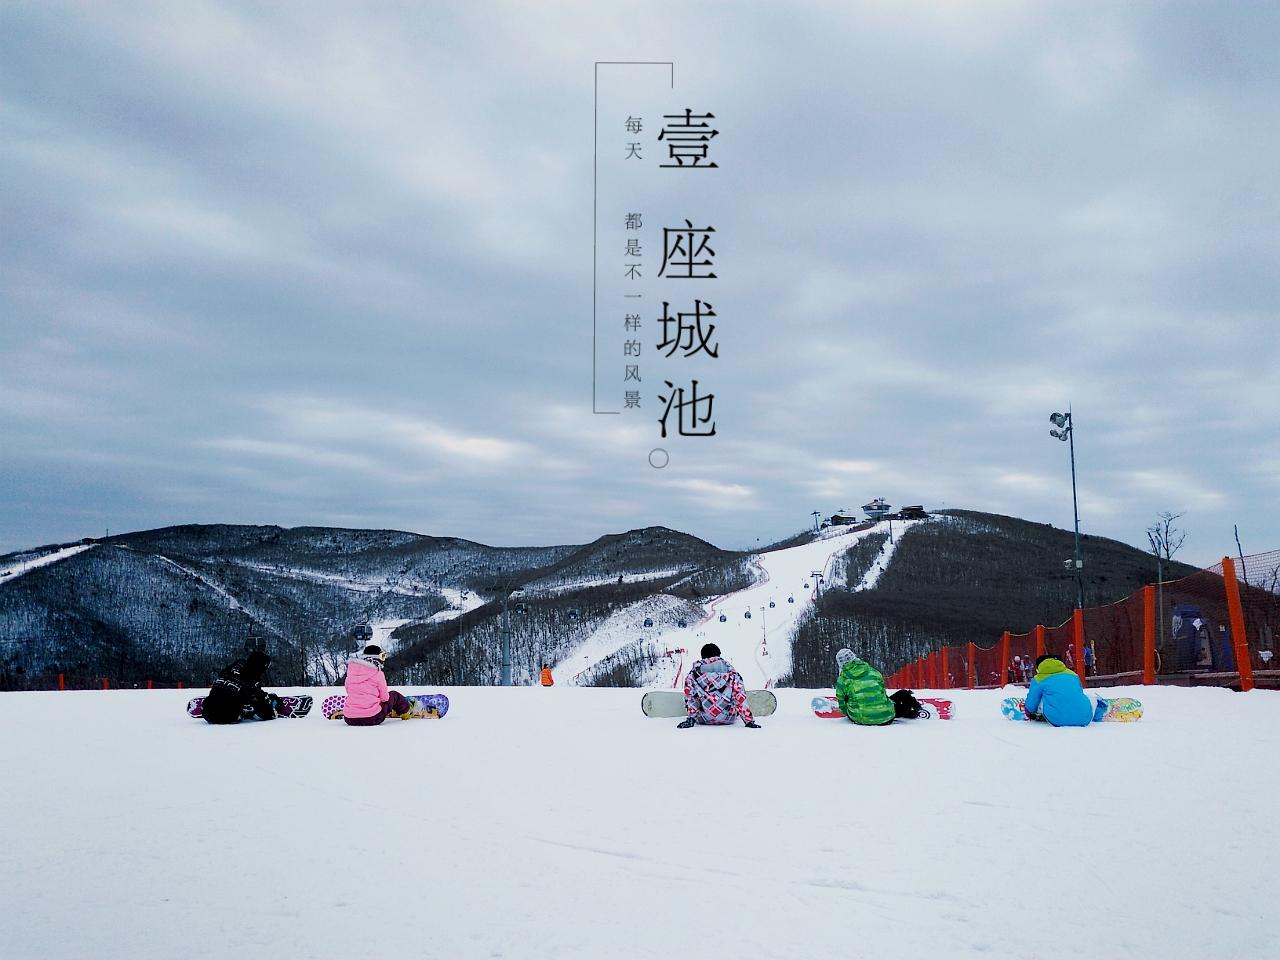 【韩国-江原道】滑雪技能get√